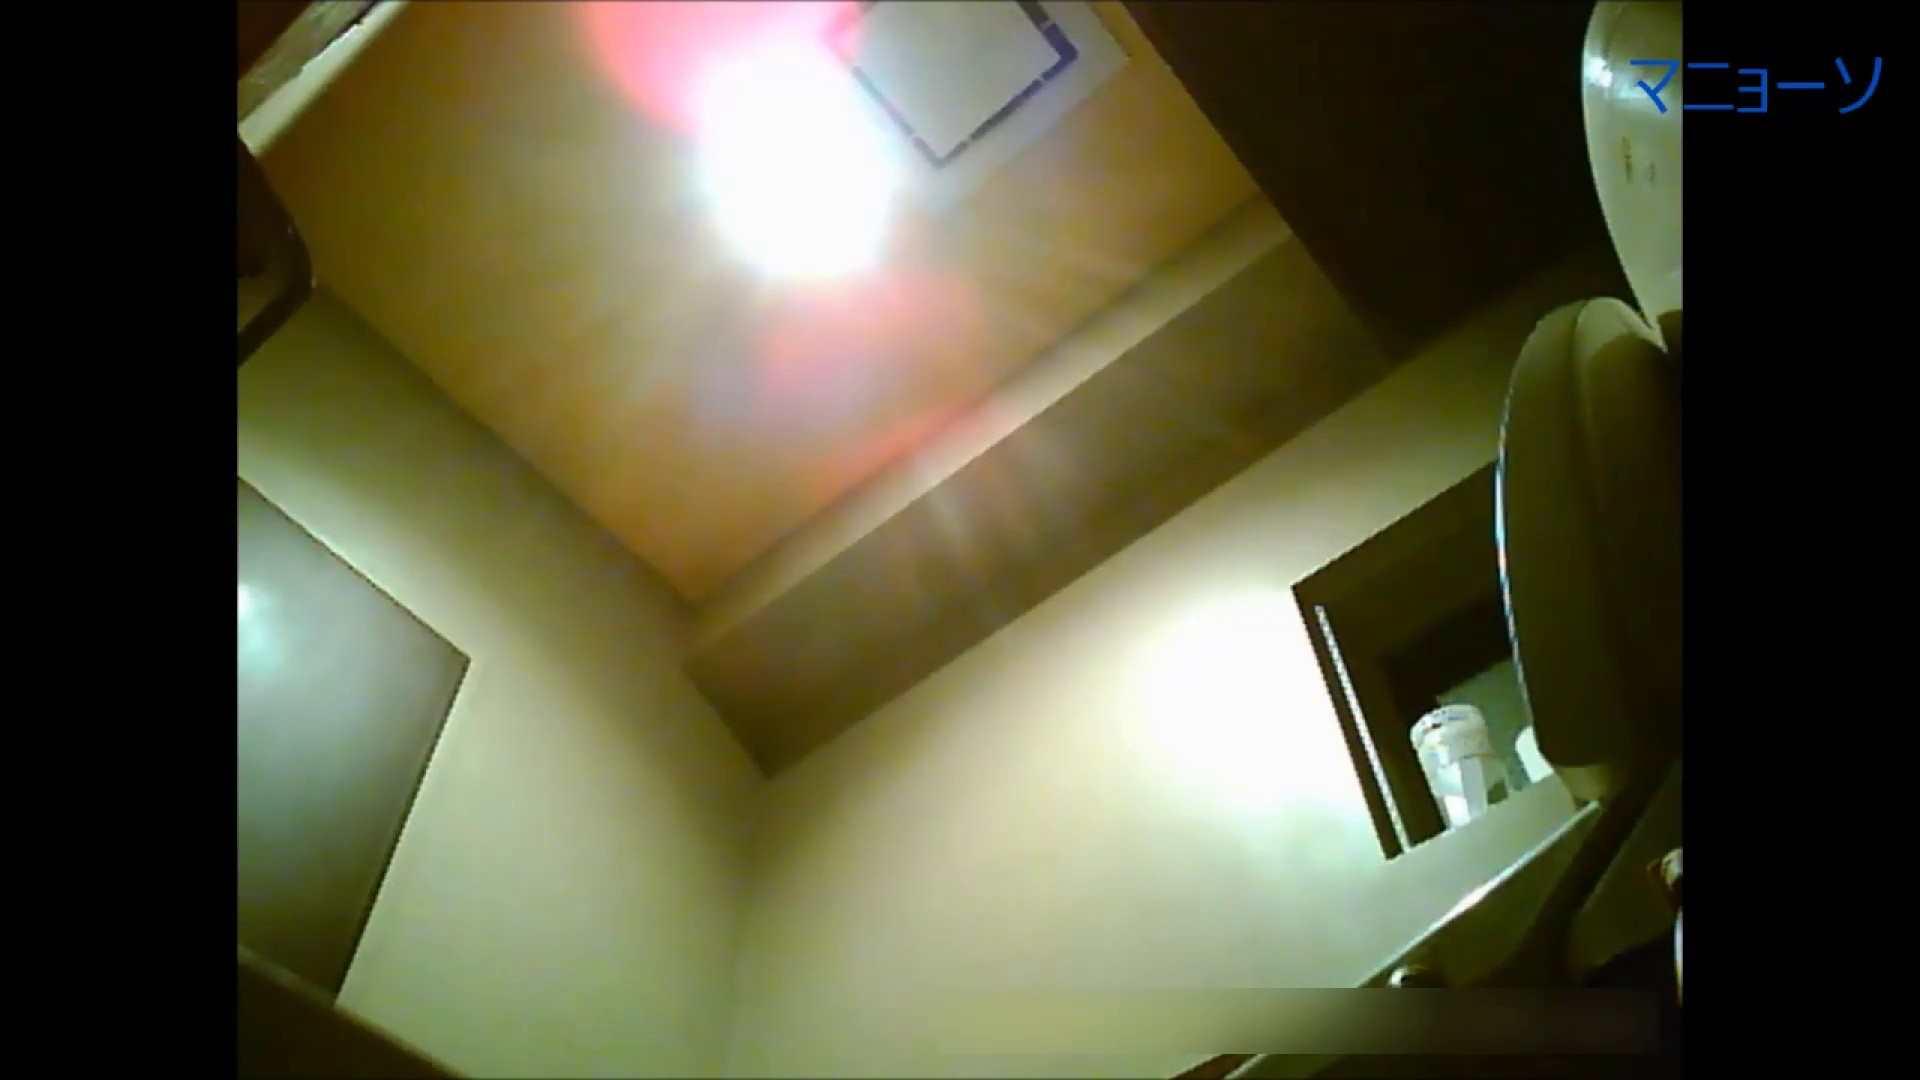 トイレでひと肌脱いでもらいました (JD編)Vol.01 トイレ中 | OL  67連発